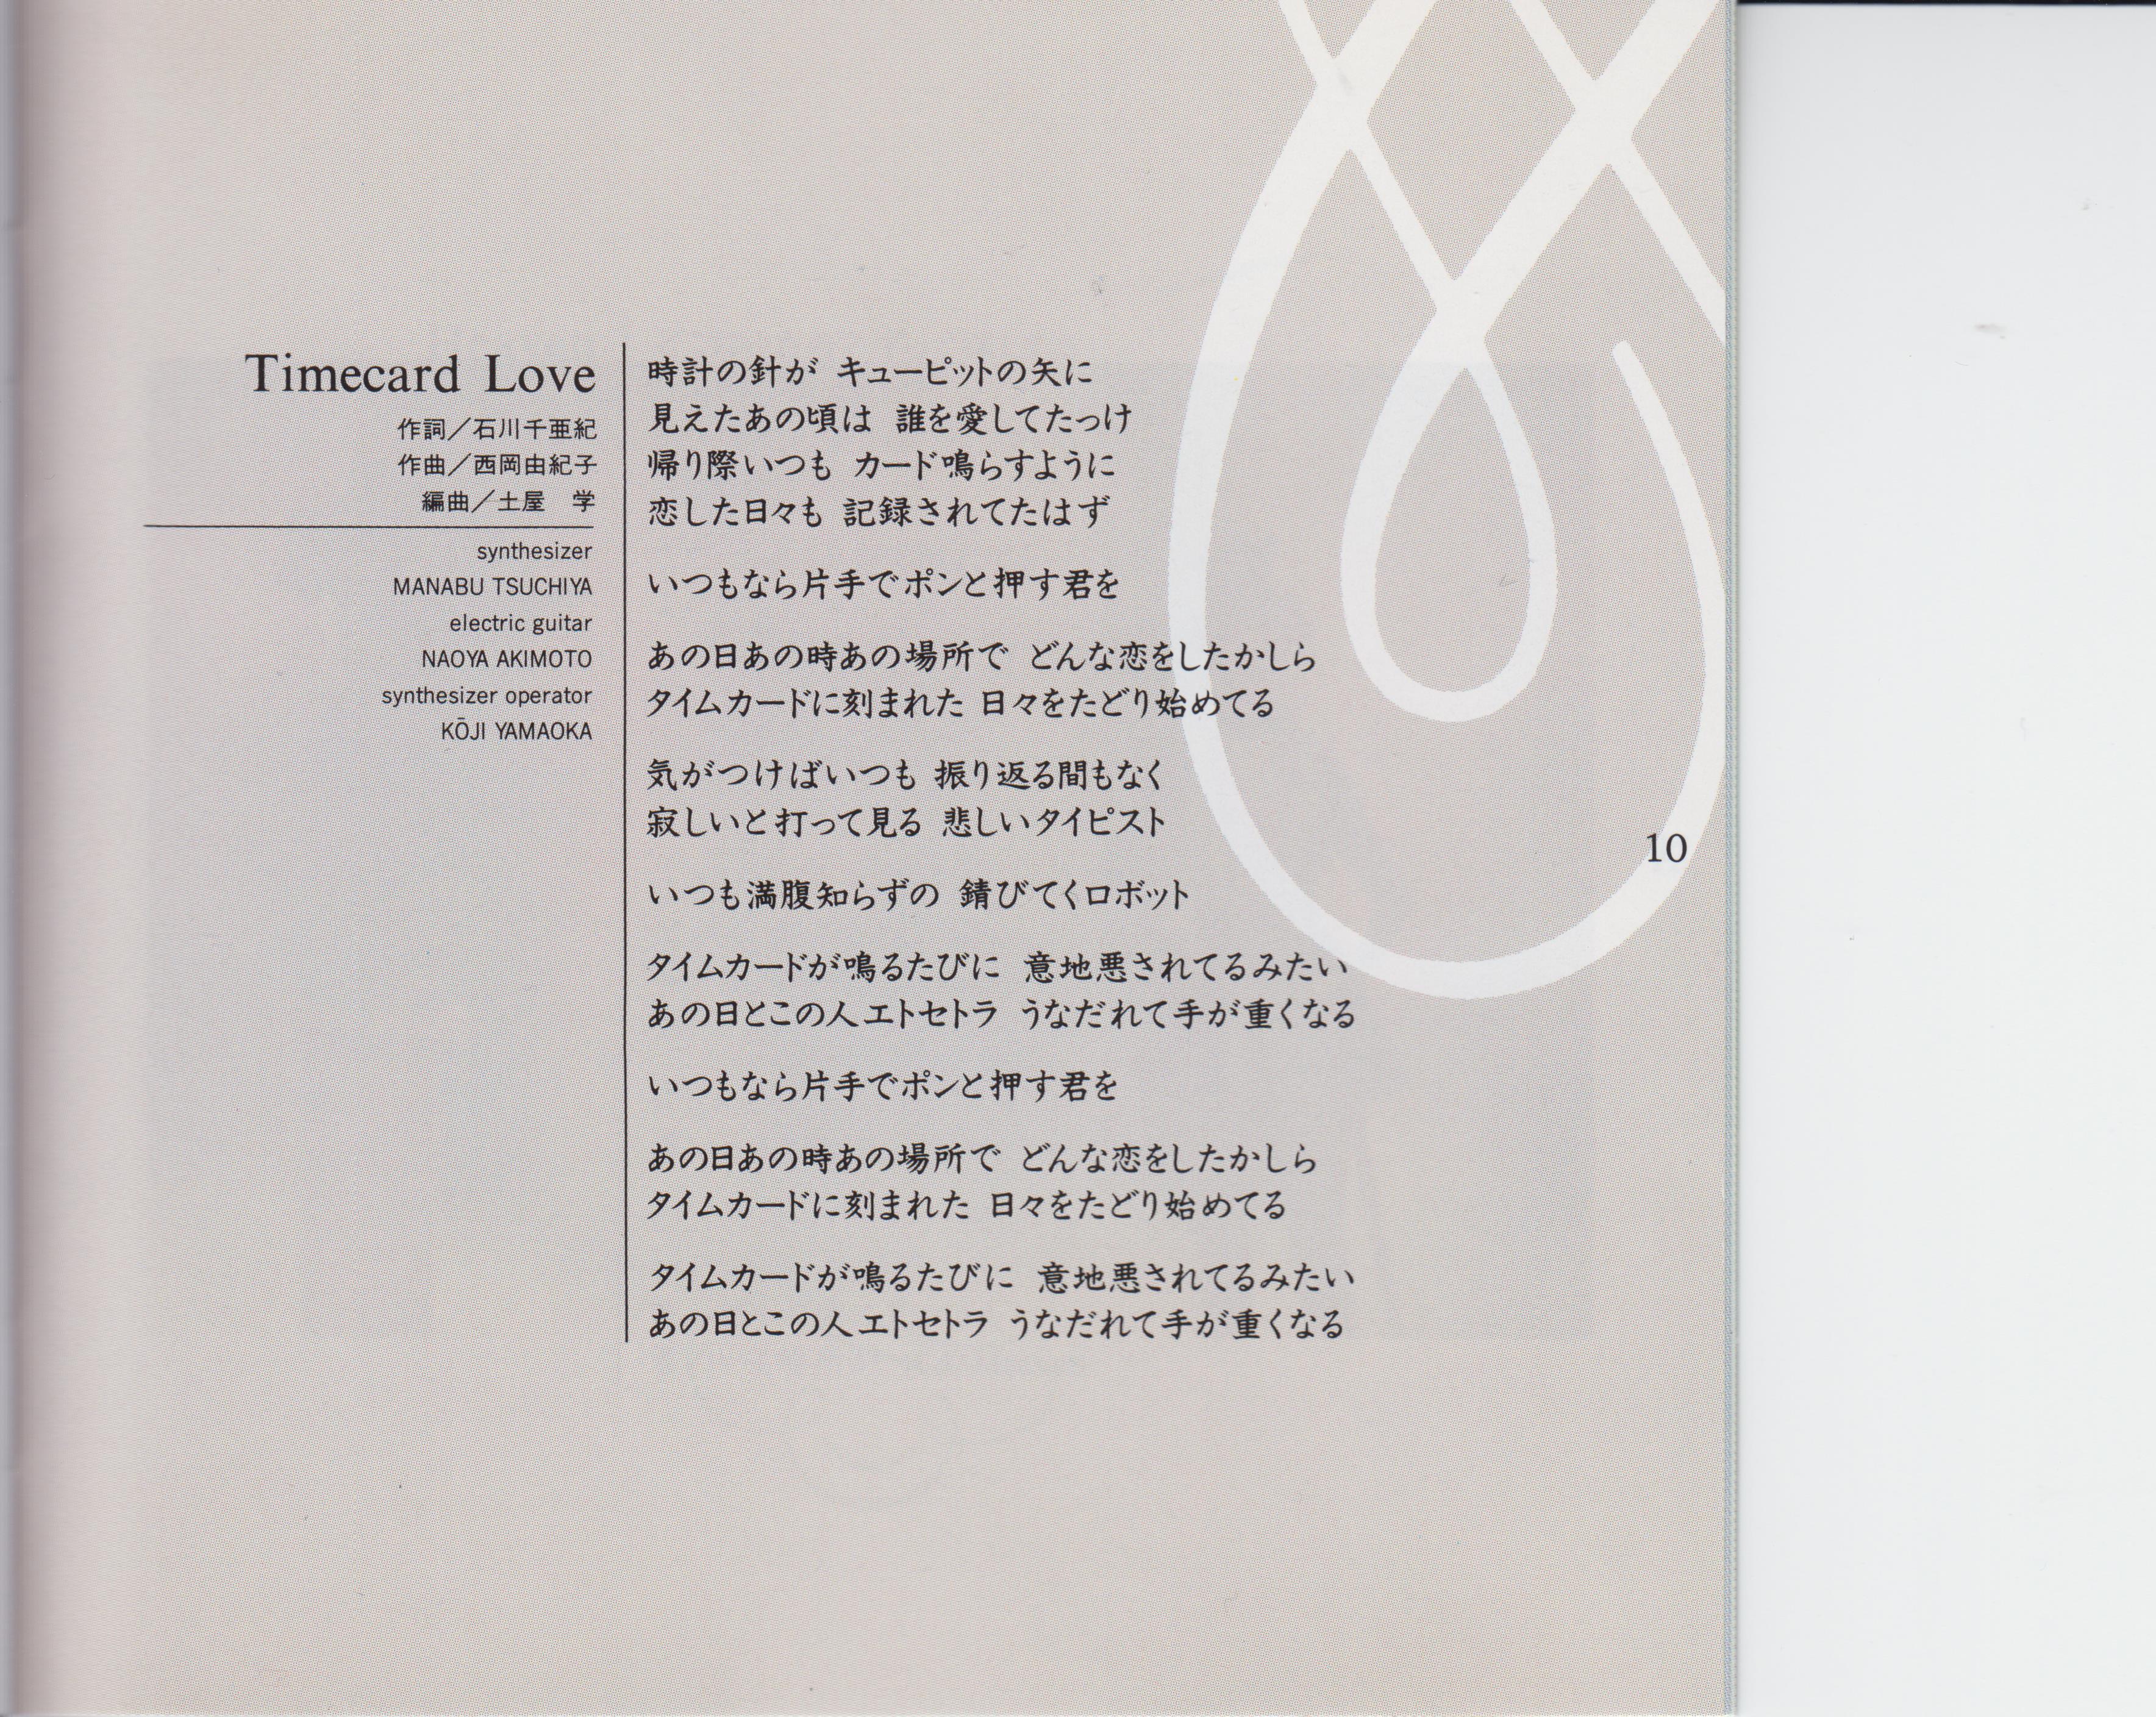 timecard-love.jpg